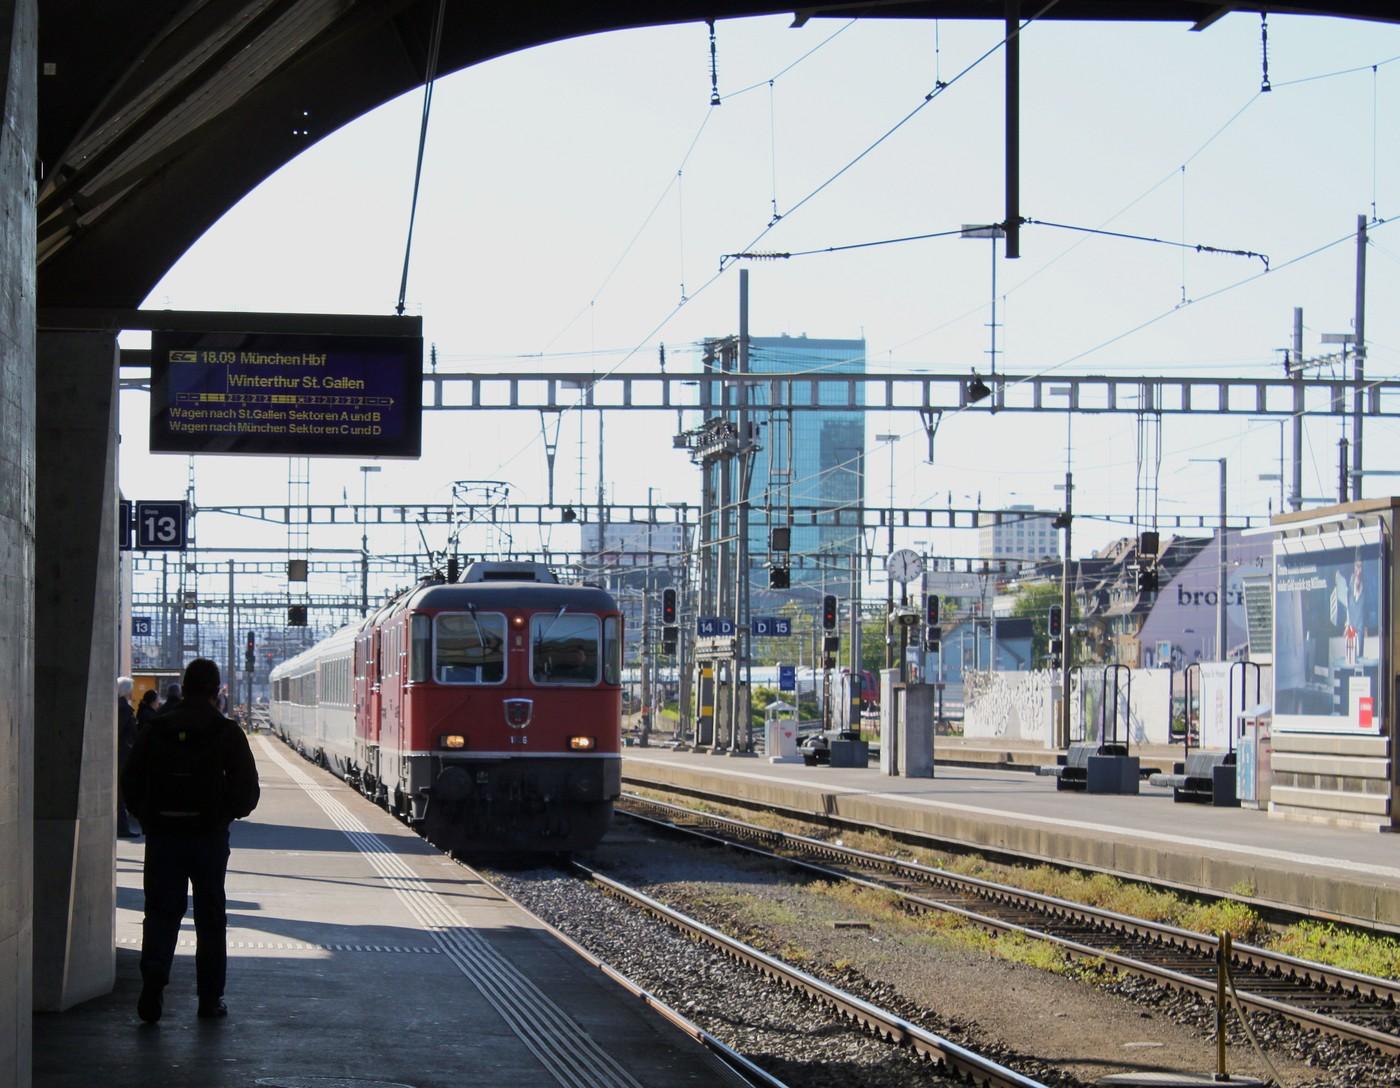 http://www.eisenbahn-im-bild.de/Temp/C_16_Zur_IMG_4168.jpg